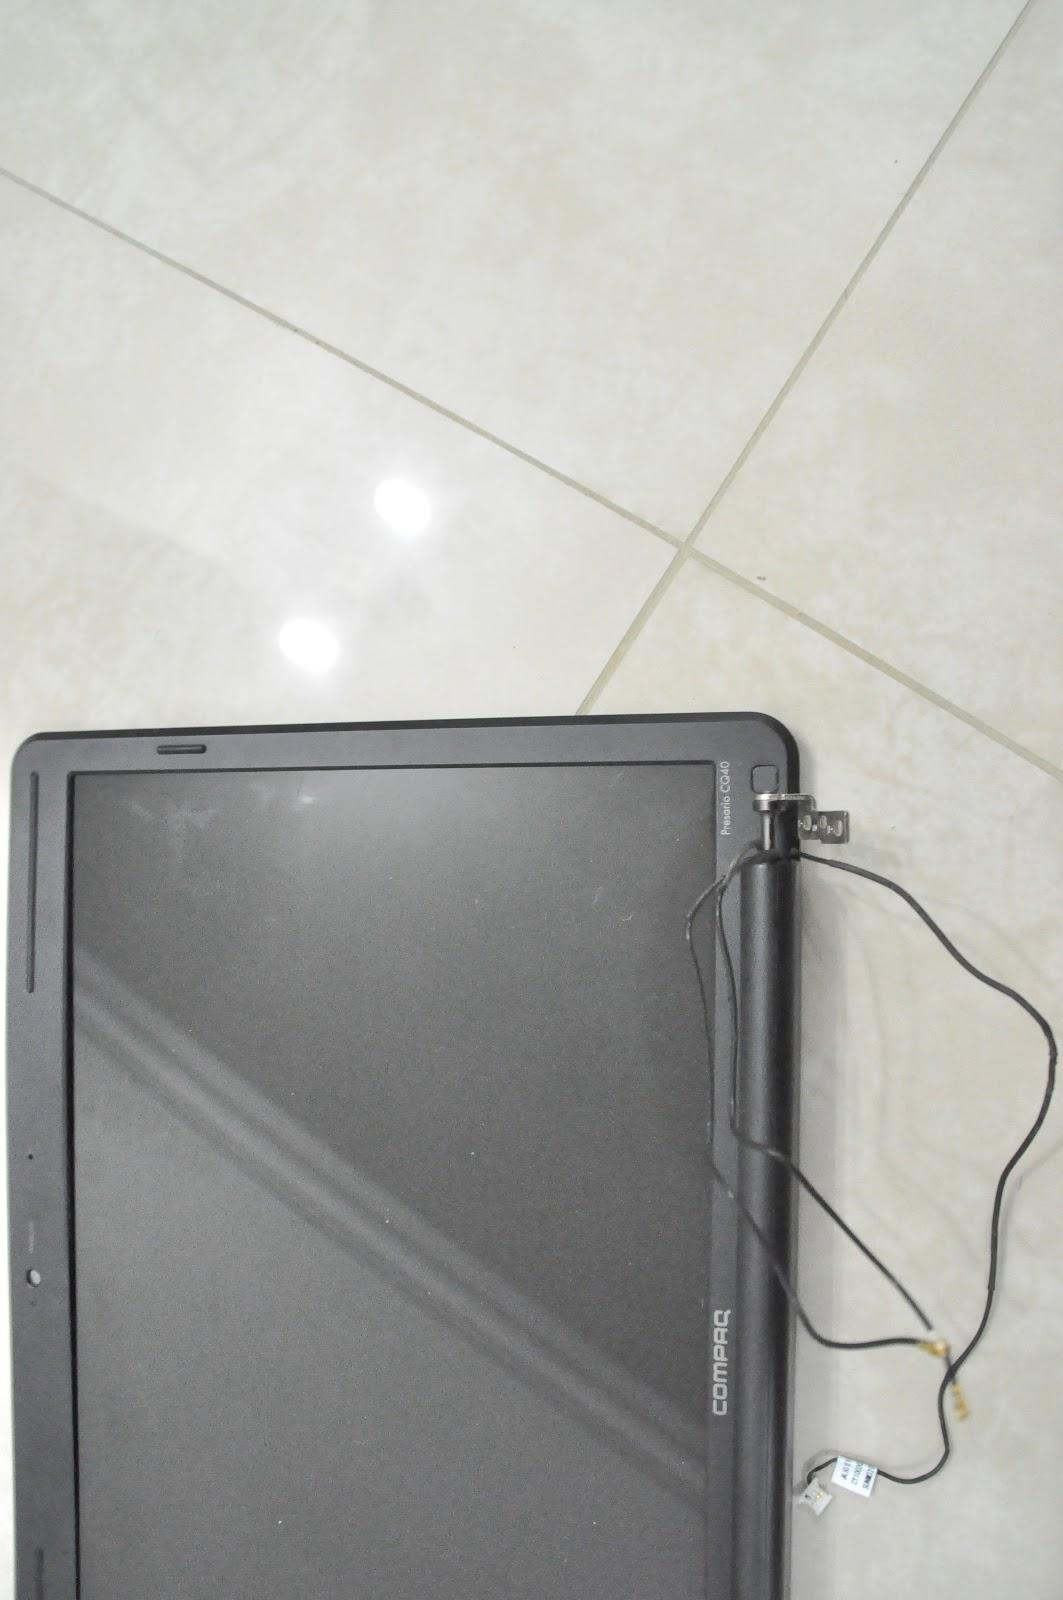 On-Site Door2Door Computer Sales & Repair Service: For Sale - Compaq